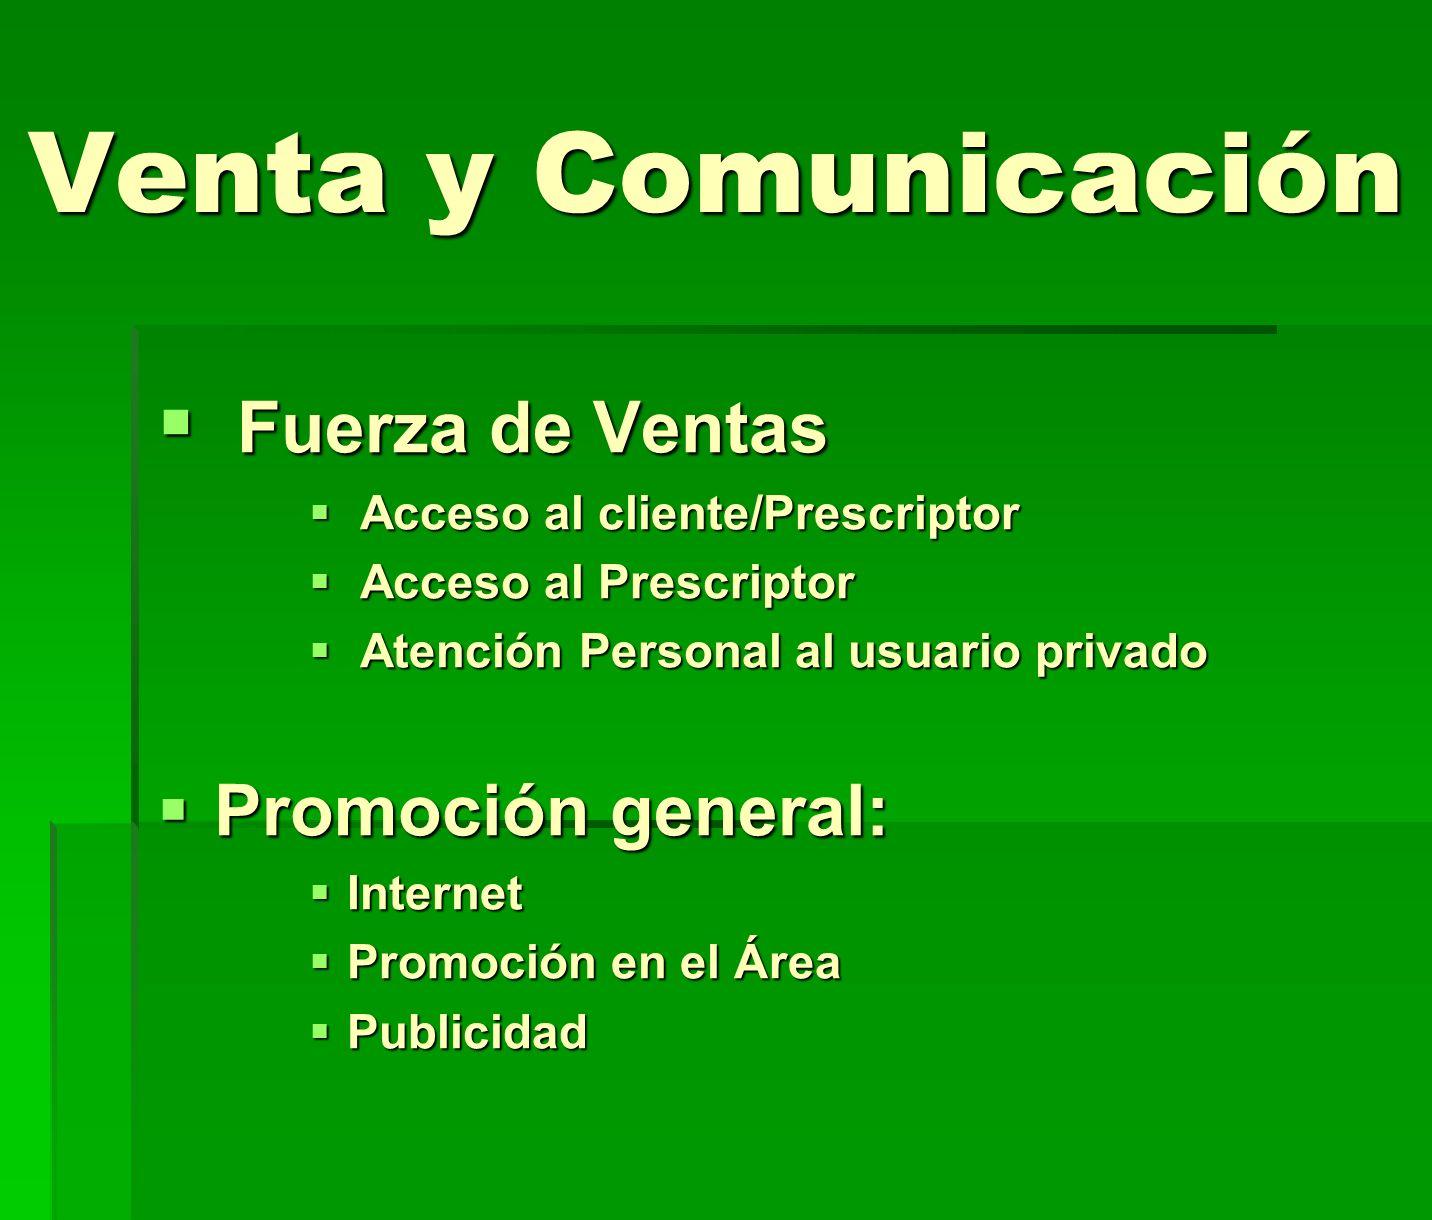 Venta y Comunicación Fuerza de Ventas Fuerza de Ventas Acceso al cliente/Prescriptor Acceso al cliente/Prescriptor Acceso al Prescriptor Acceso al Pre